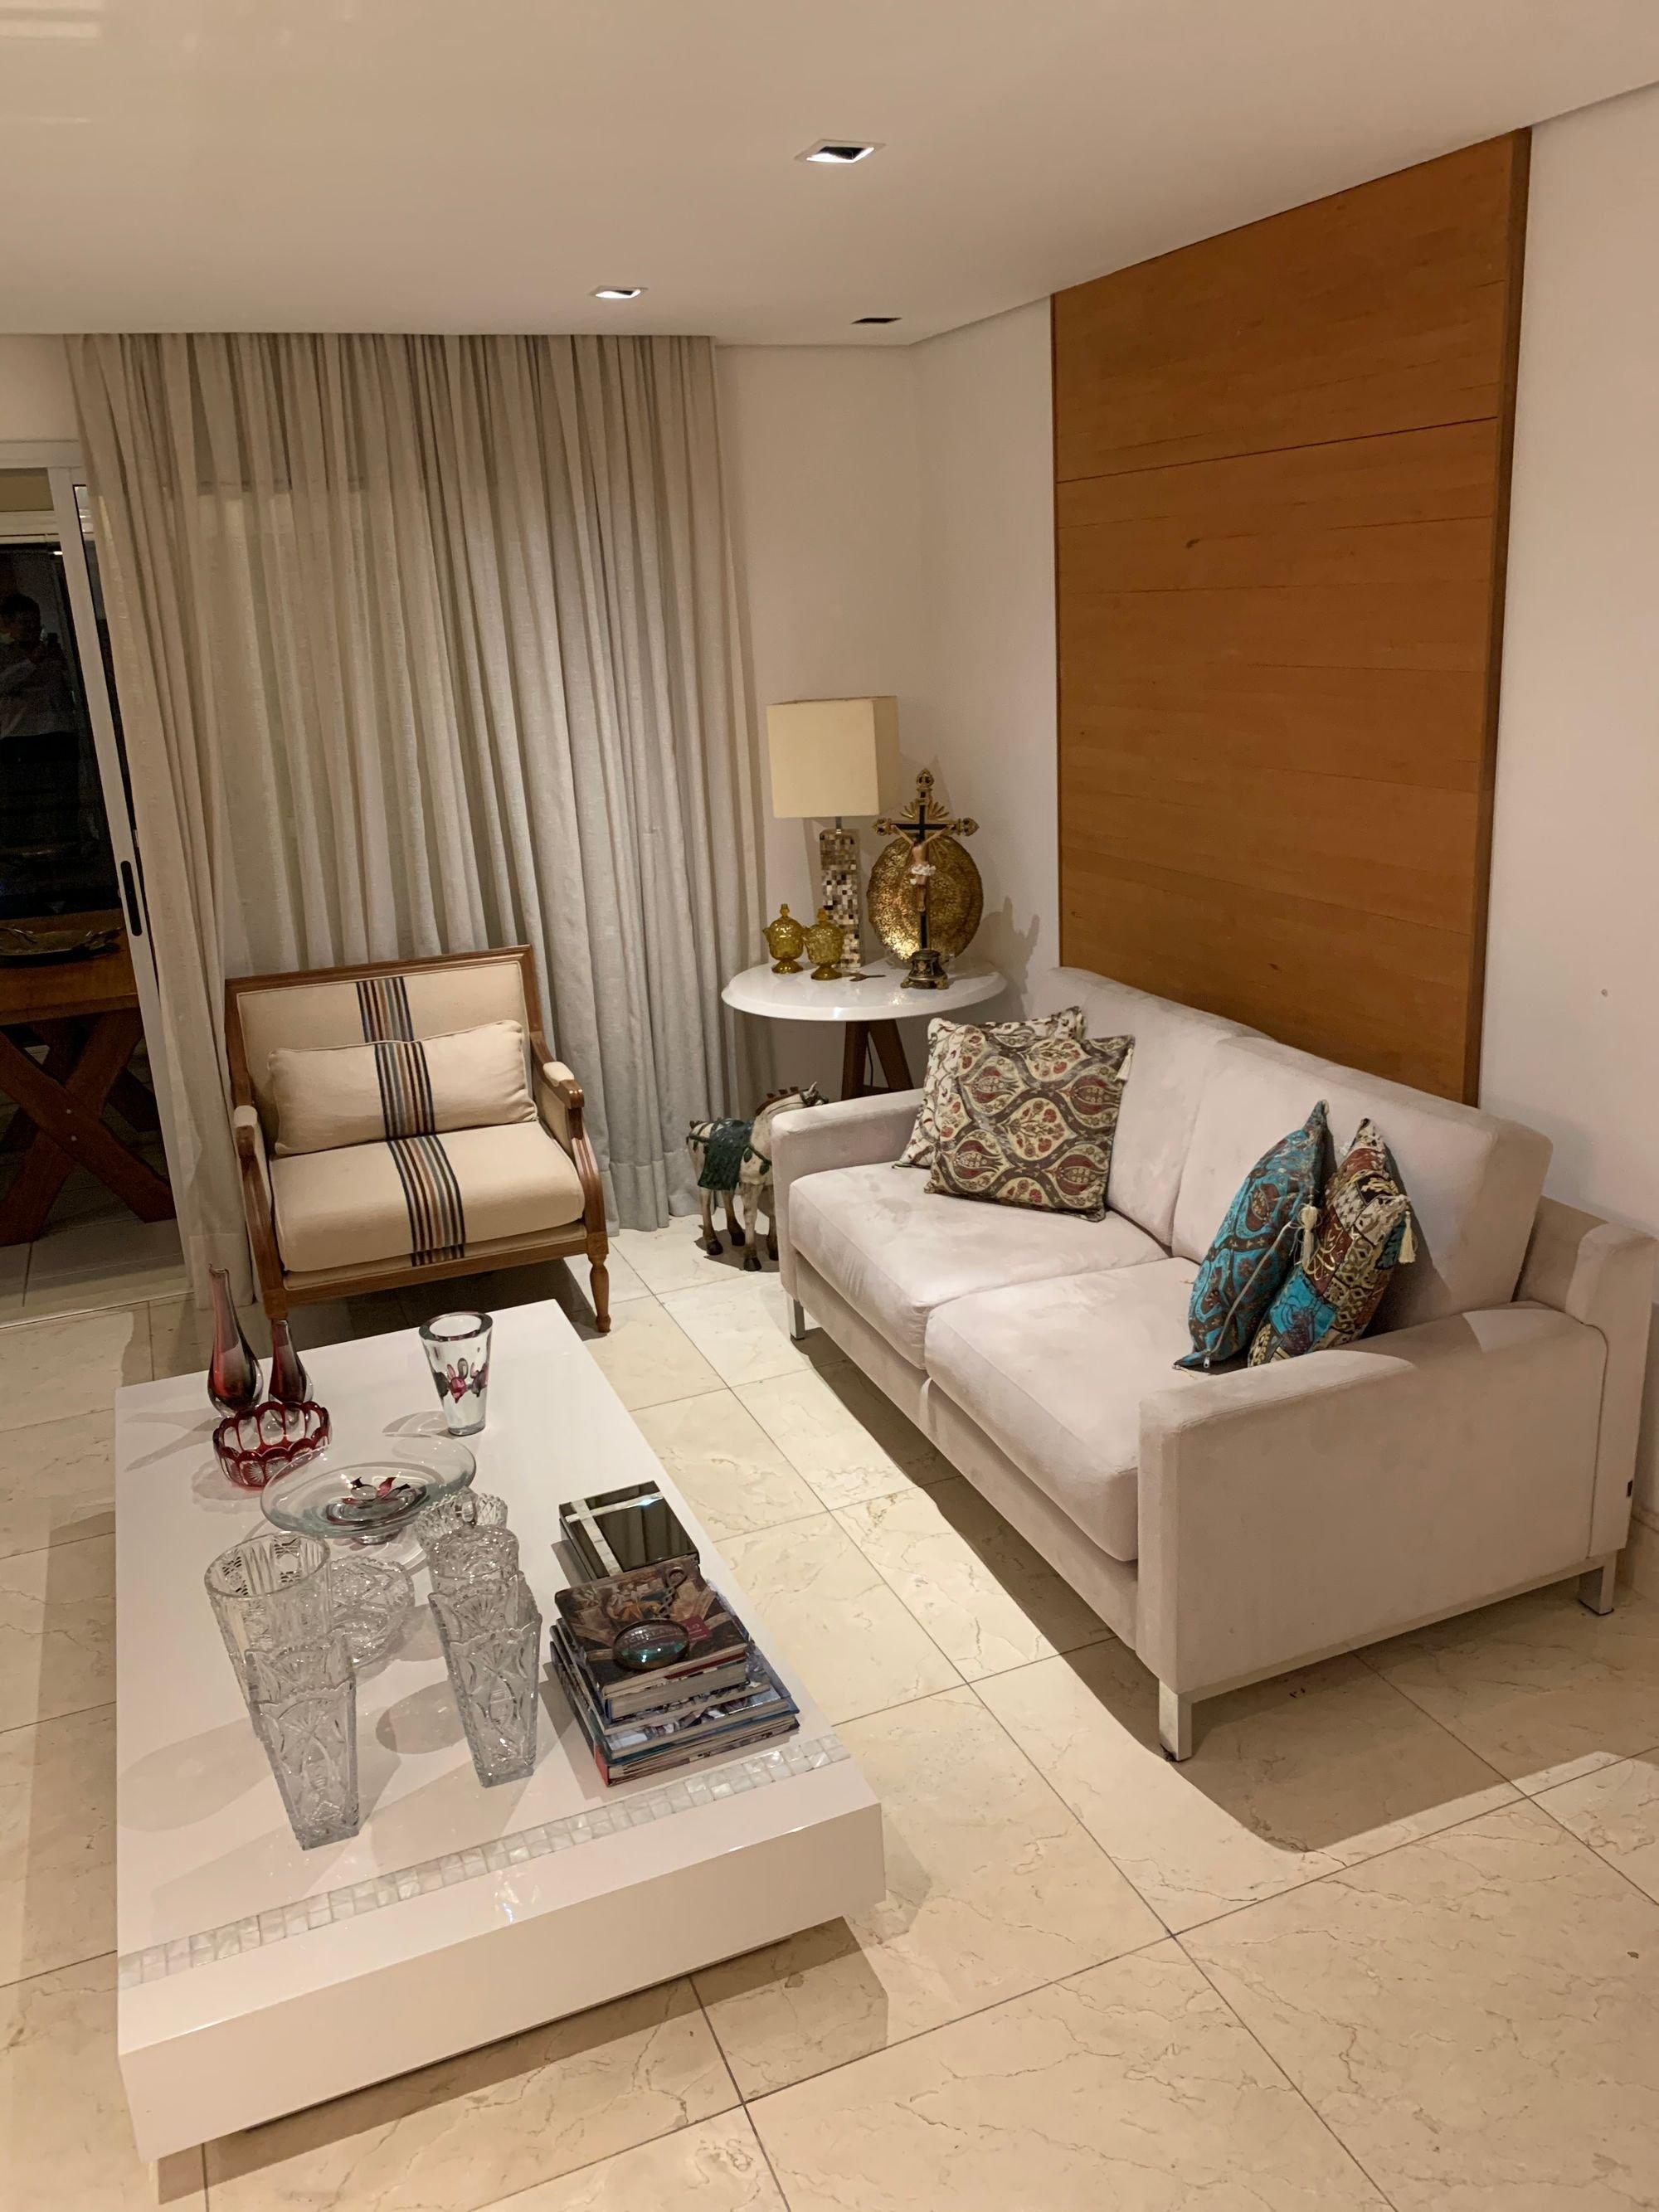 Foto de Sala com copo de vinho, sofá, cadeira, livro